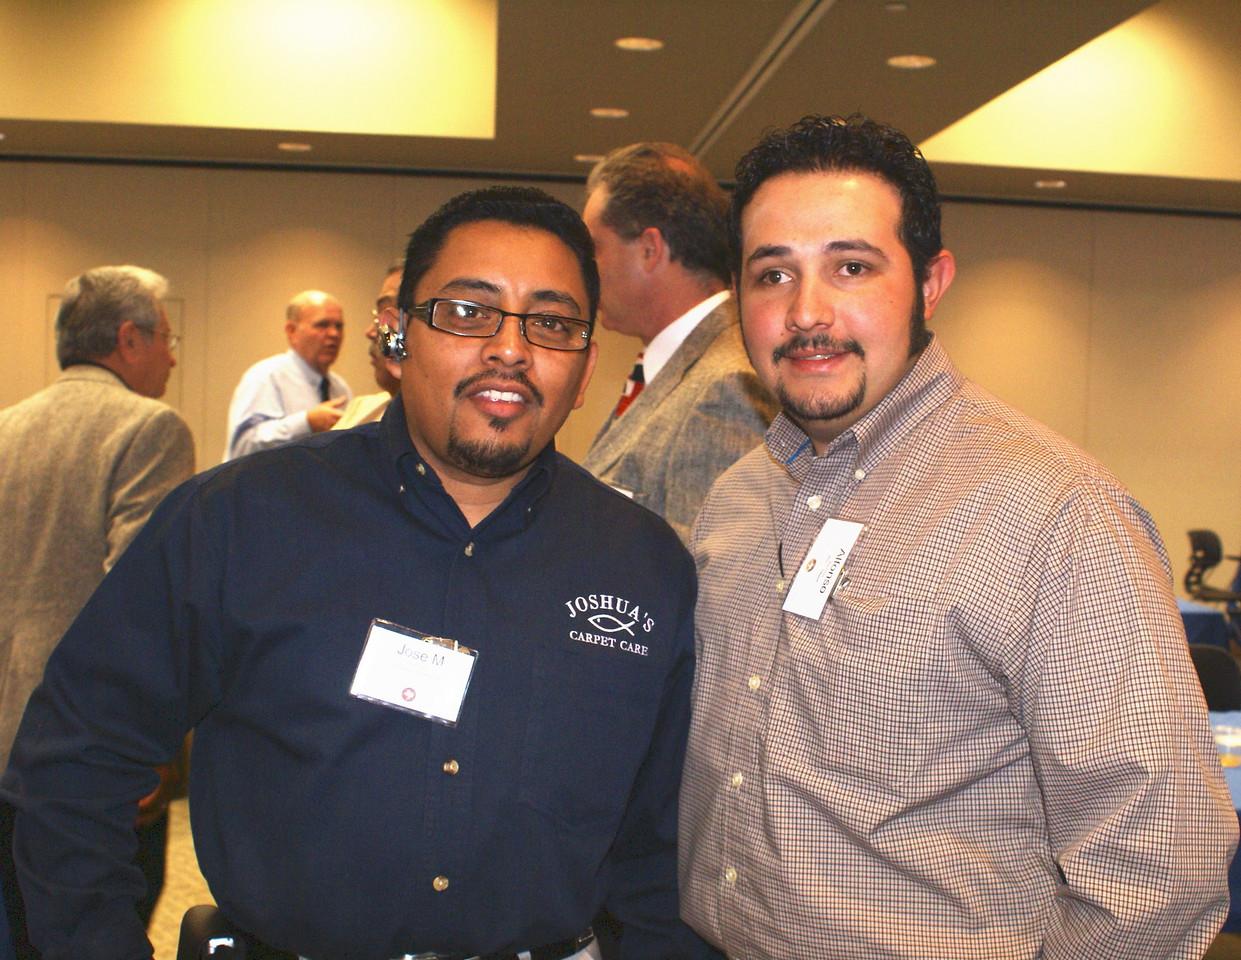 Jose Marquez, Joshua's Carpet Care and Al Ramirez, Home Depot